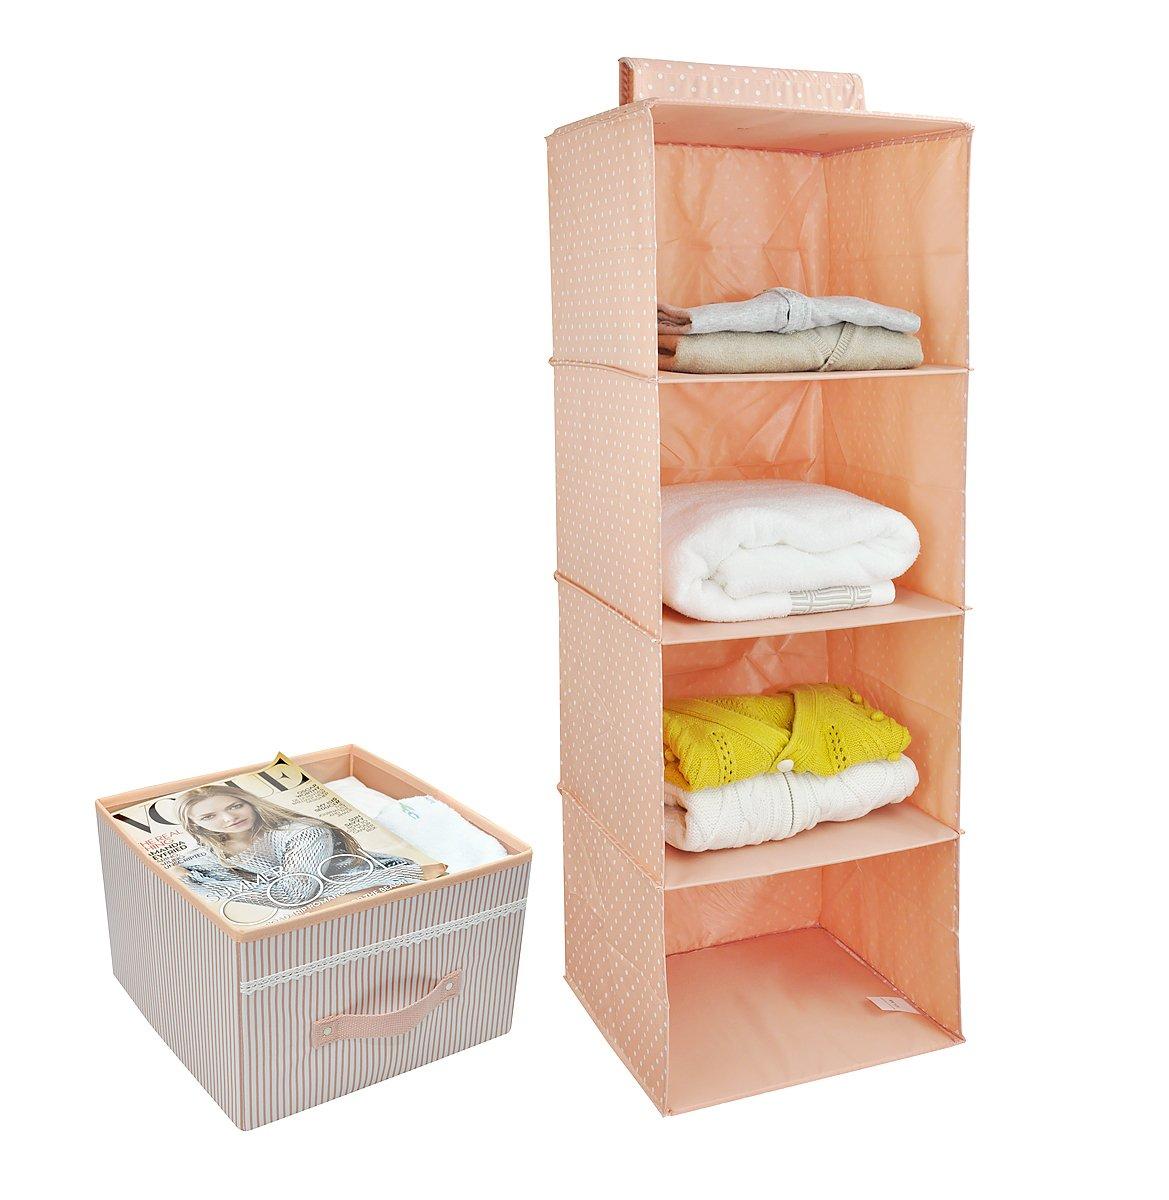 Ultra gruesa Junta de madera interior rosa 4 plataforma de nivel Suspendido en el armario de almacenamiento duradero estanter/ías Accesorios Organizador de almacenamiento